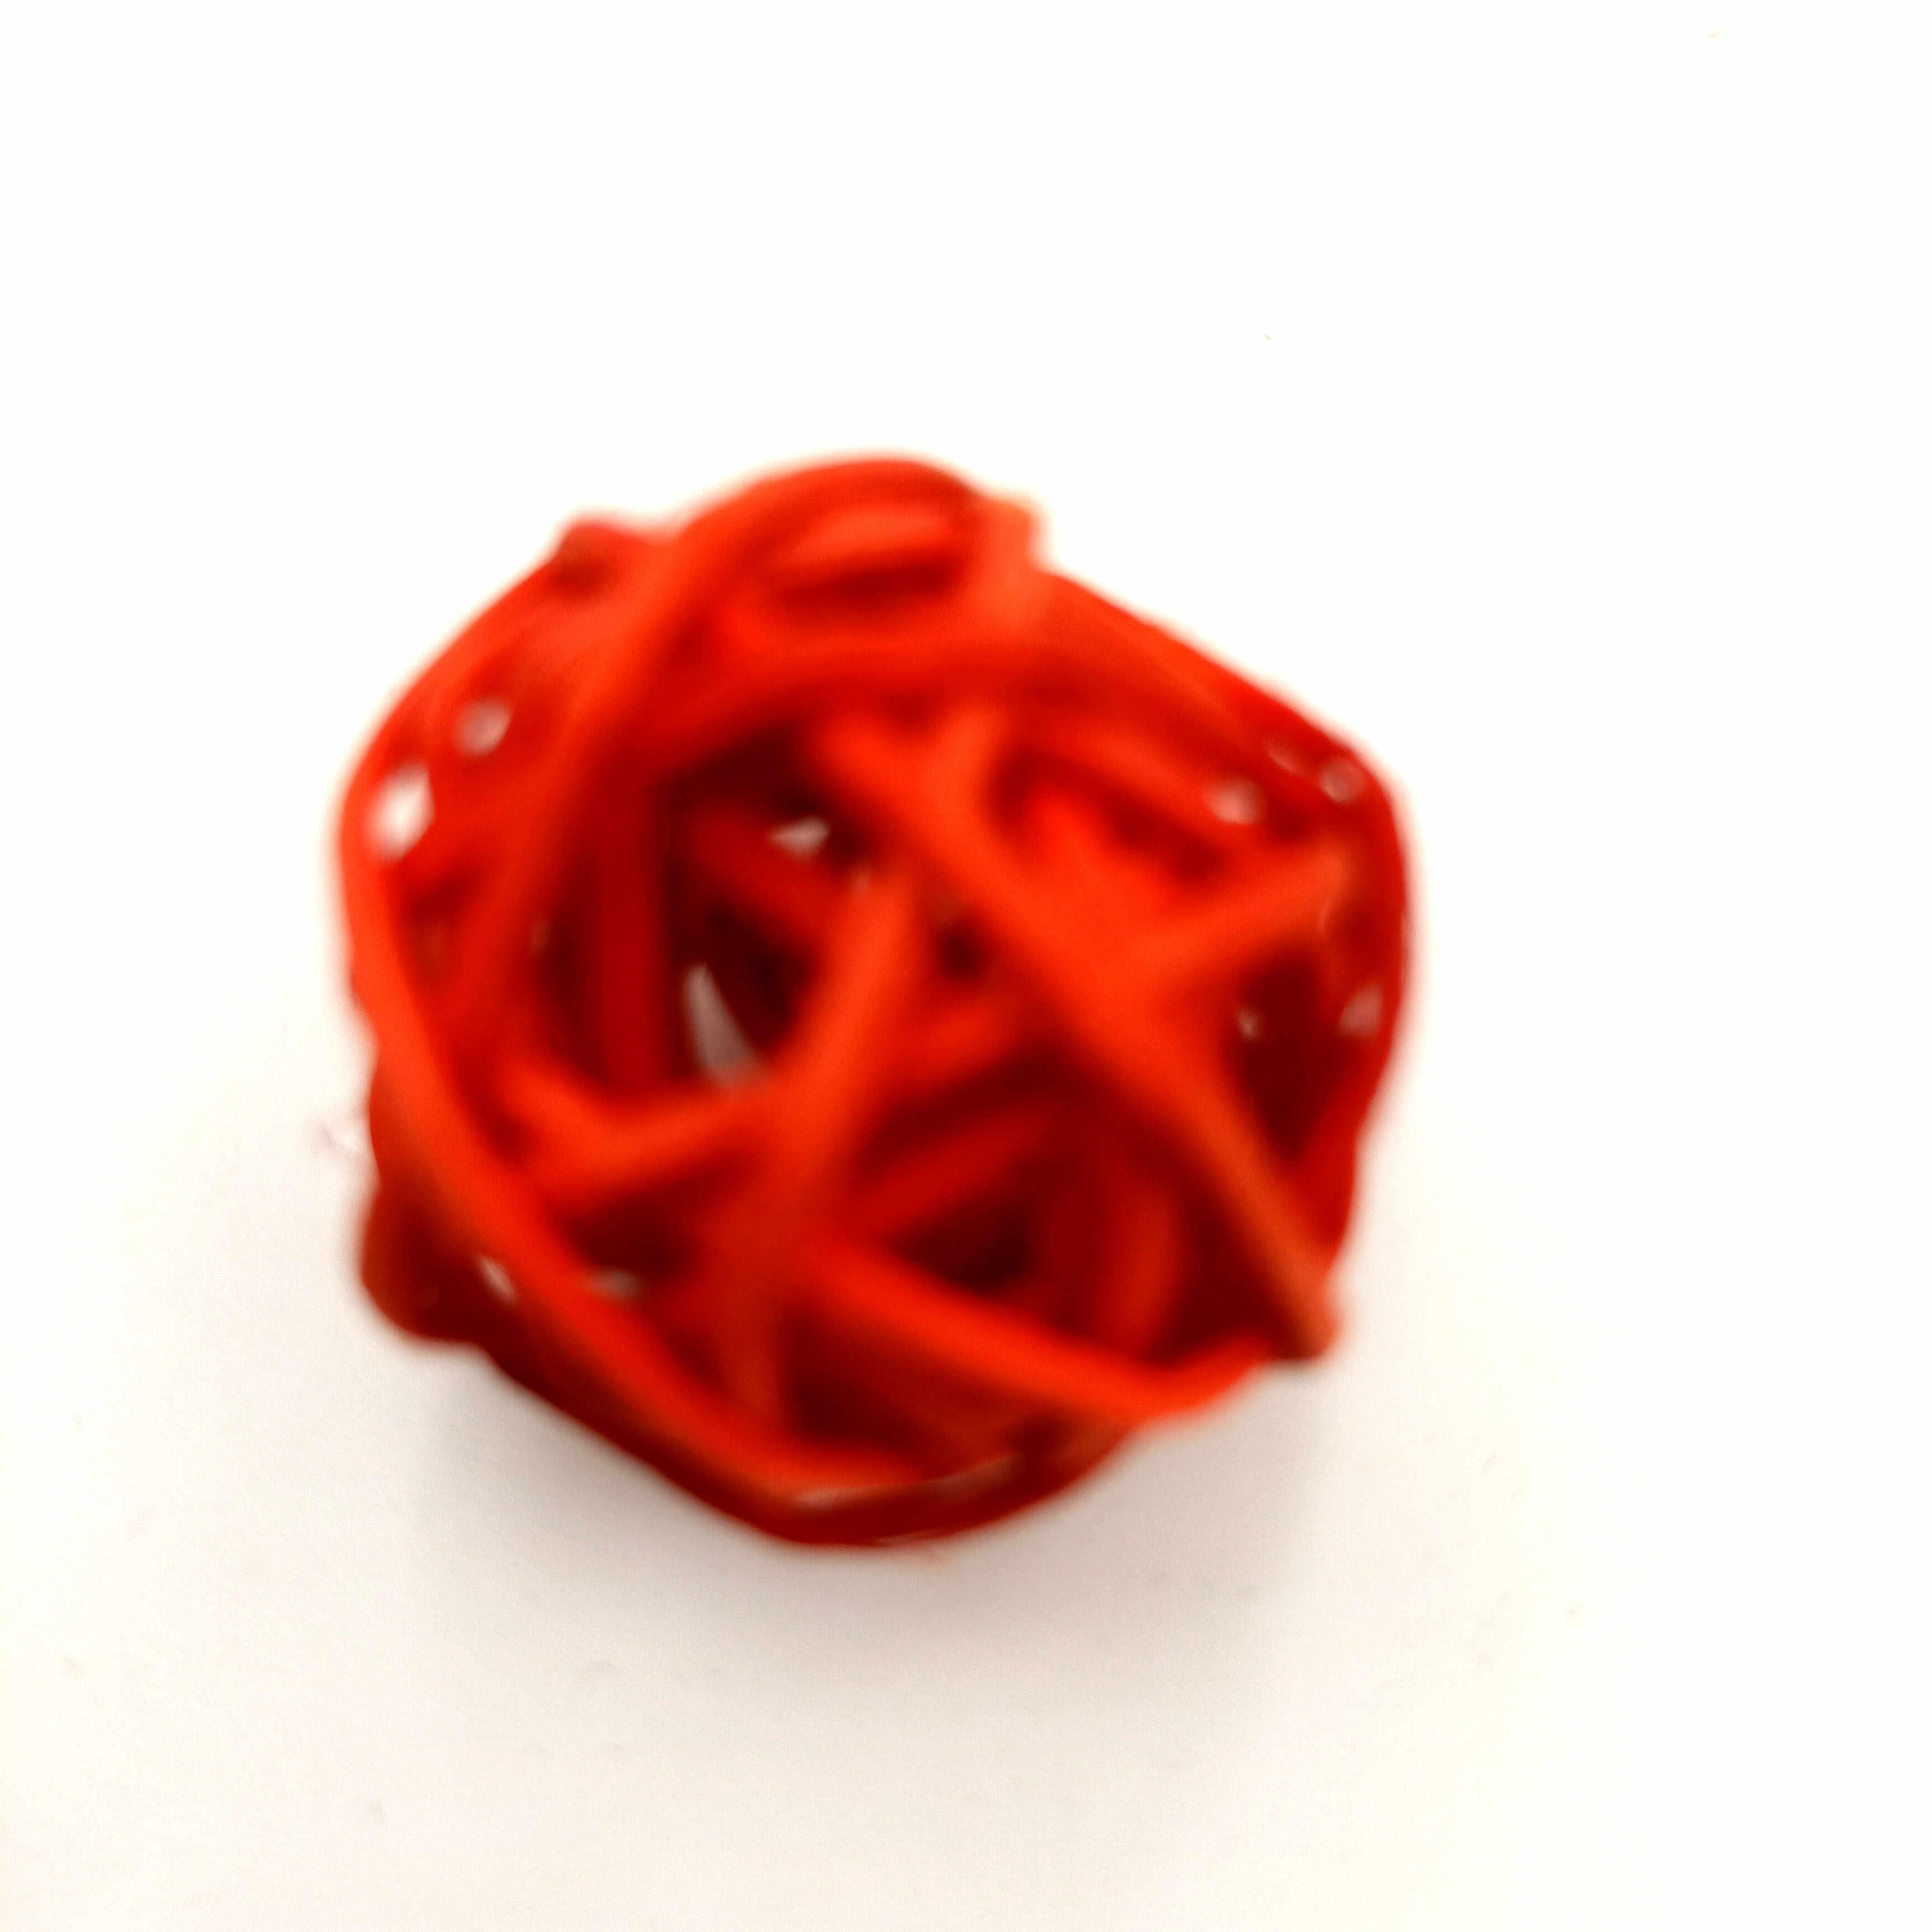 10 pçs 3cm bolas de rattan vermelho sepak takraw led string luzes guirlandas para els bar decorações de festa de natal casamento